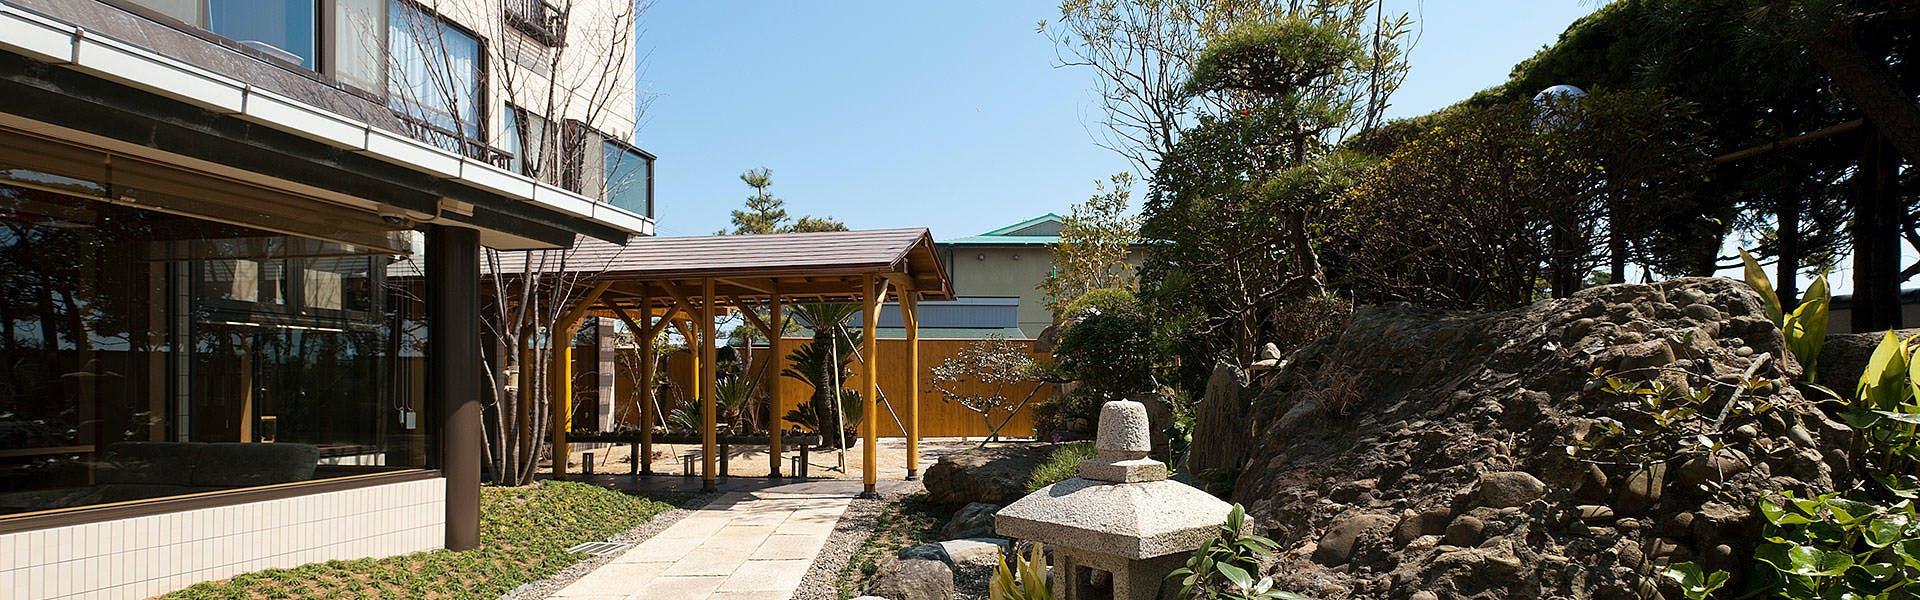 外観と庭園